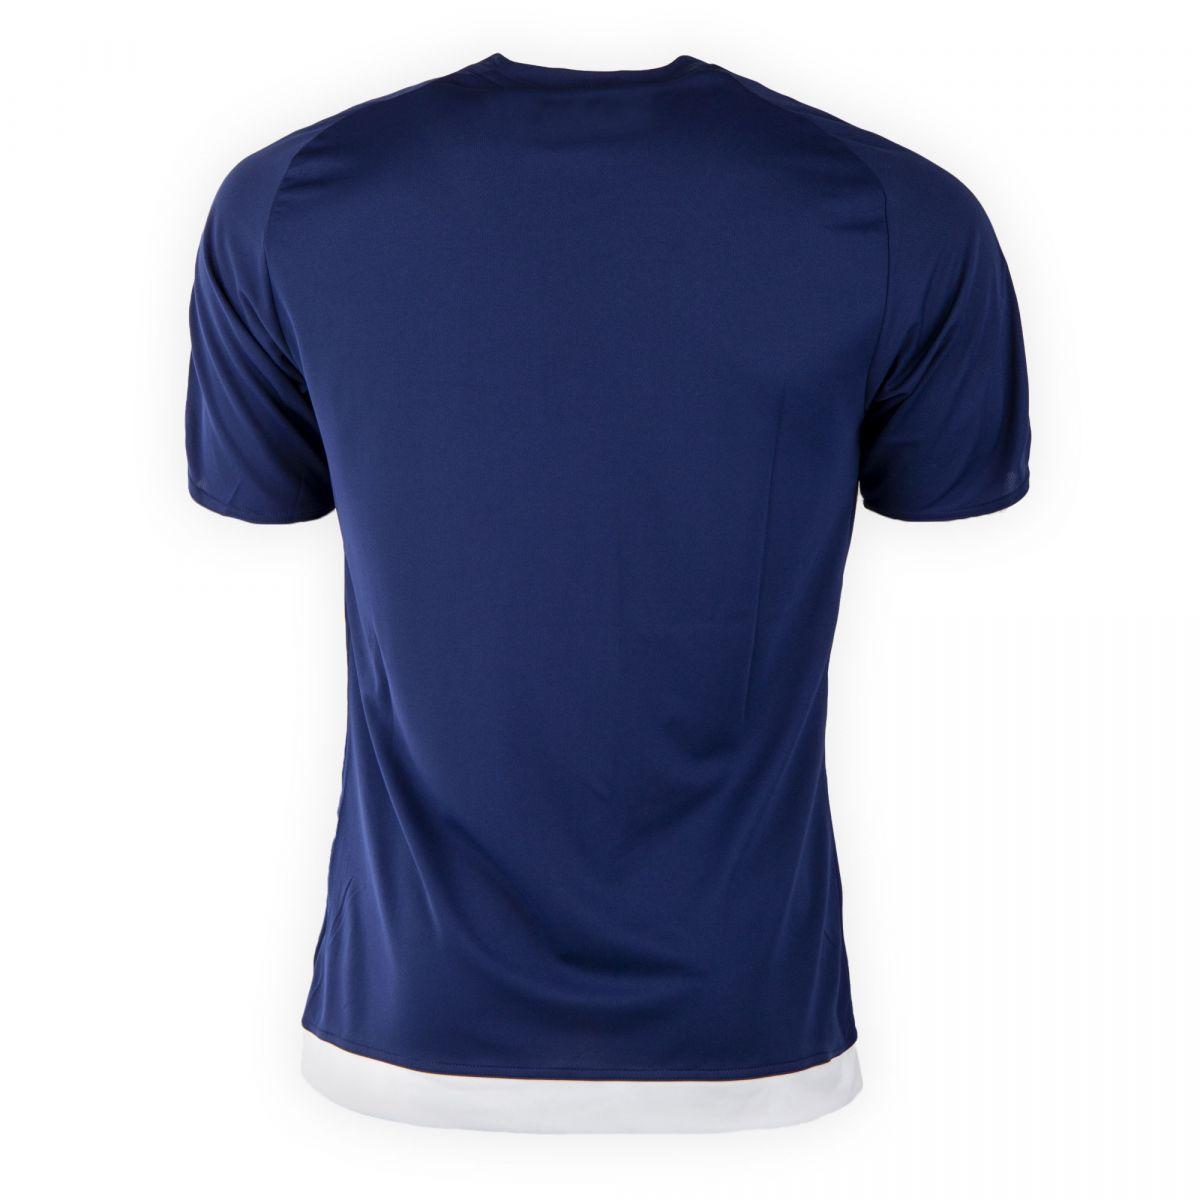 ... Tee-shirt maillot football climalite homme ESTRO 15 S16149 ADIDAS  marque pas cher prix dégriffés ... 02d7f57bec05e